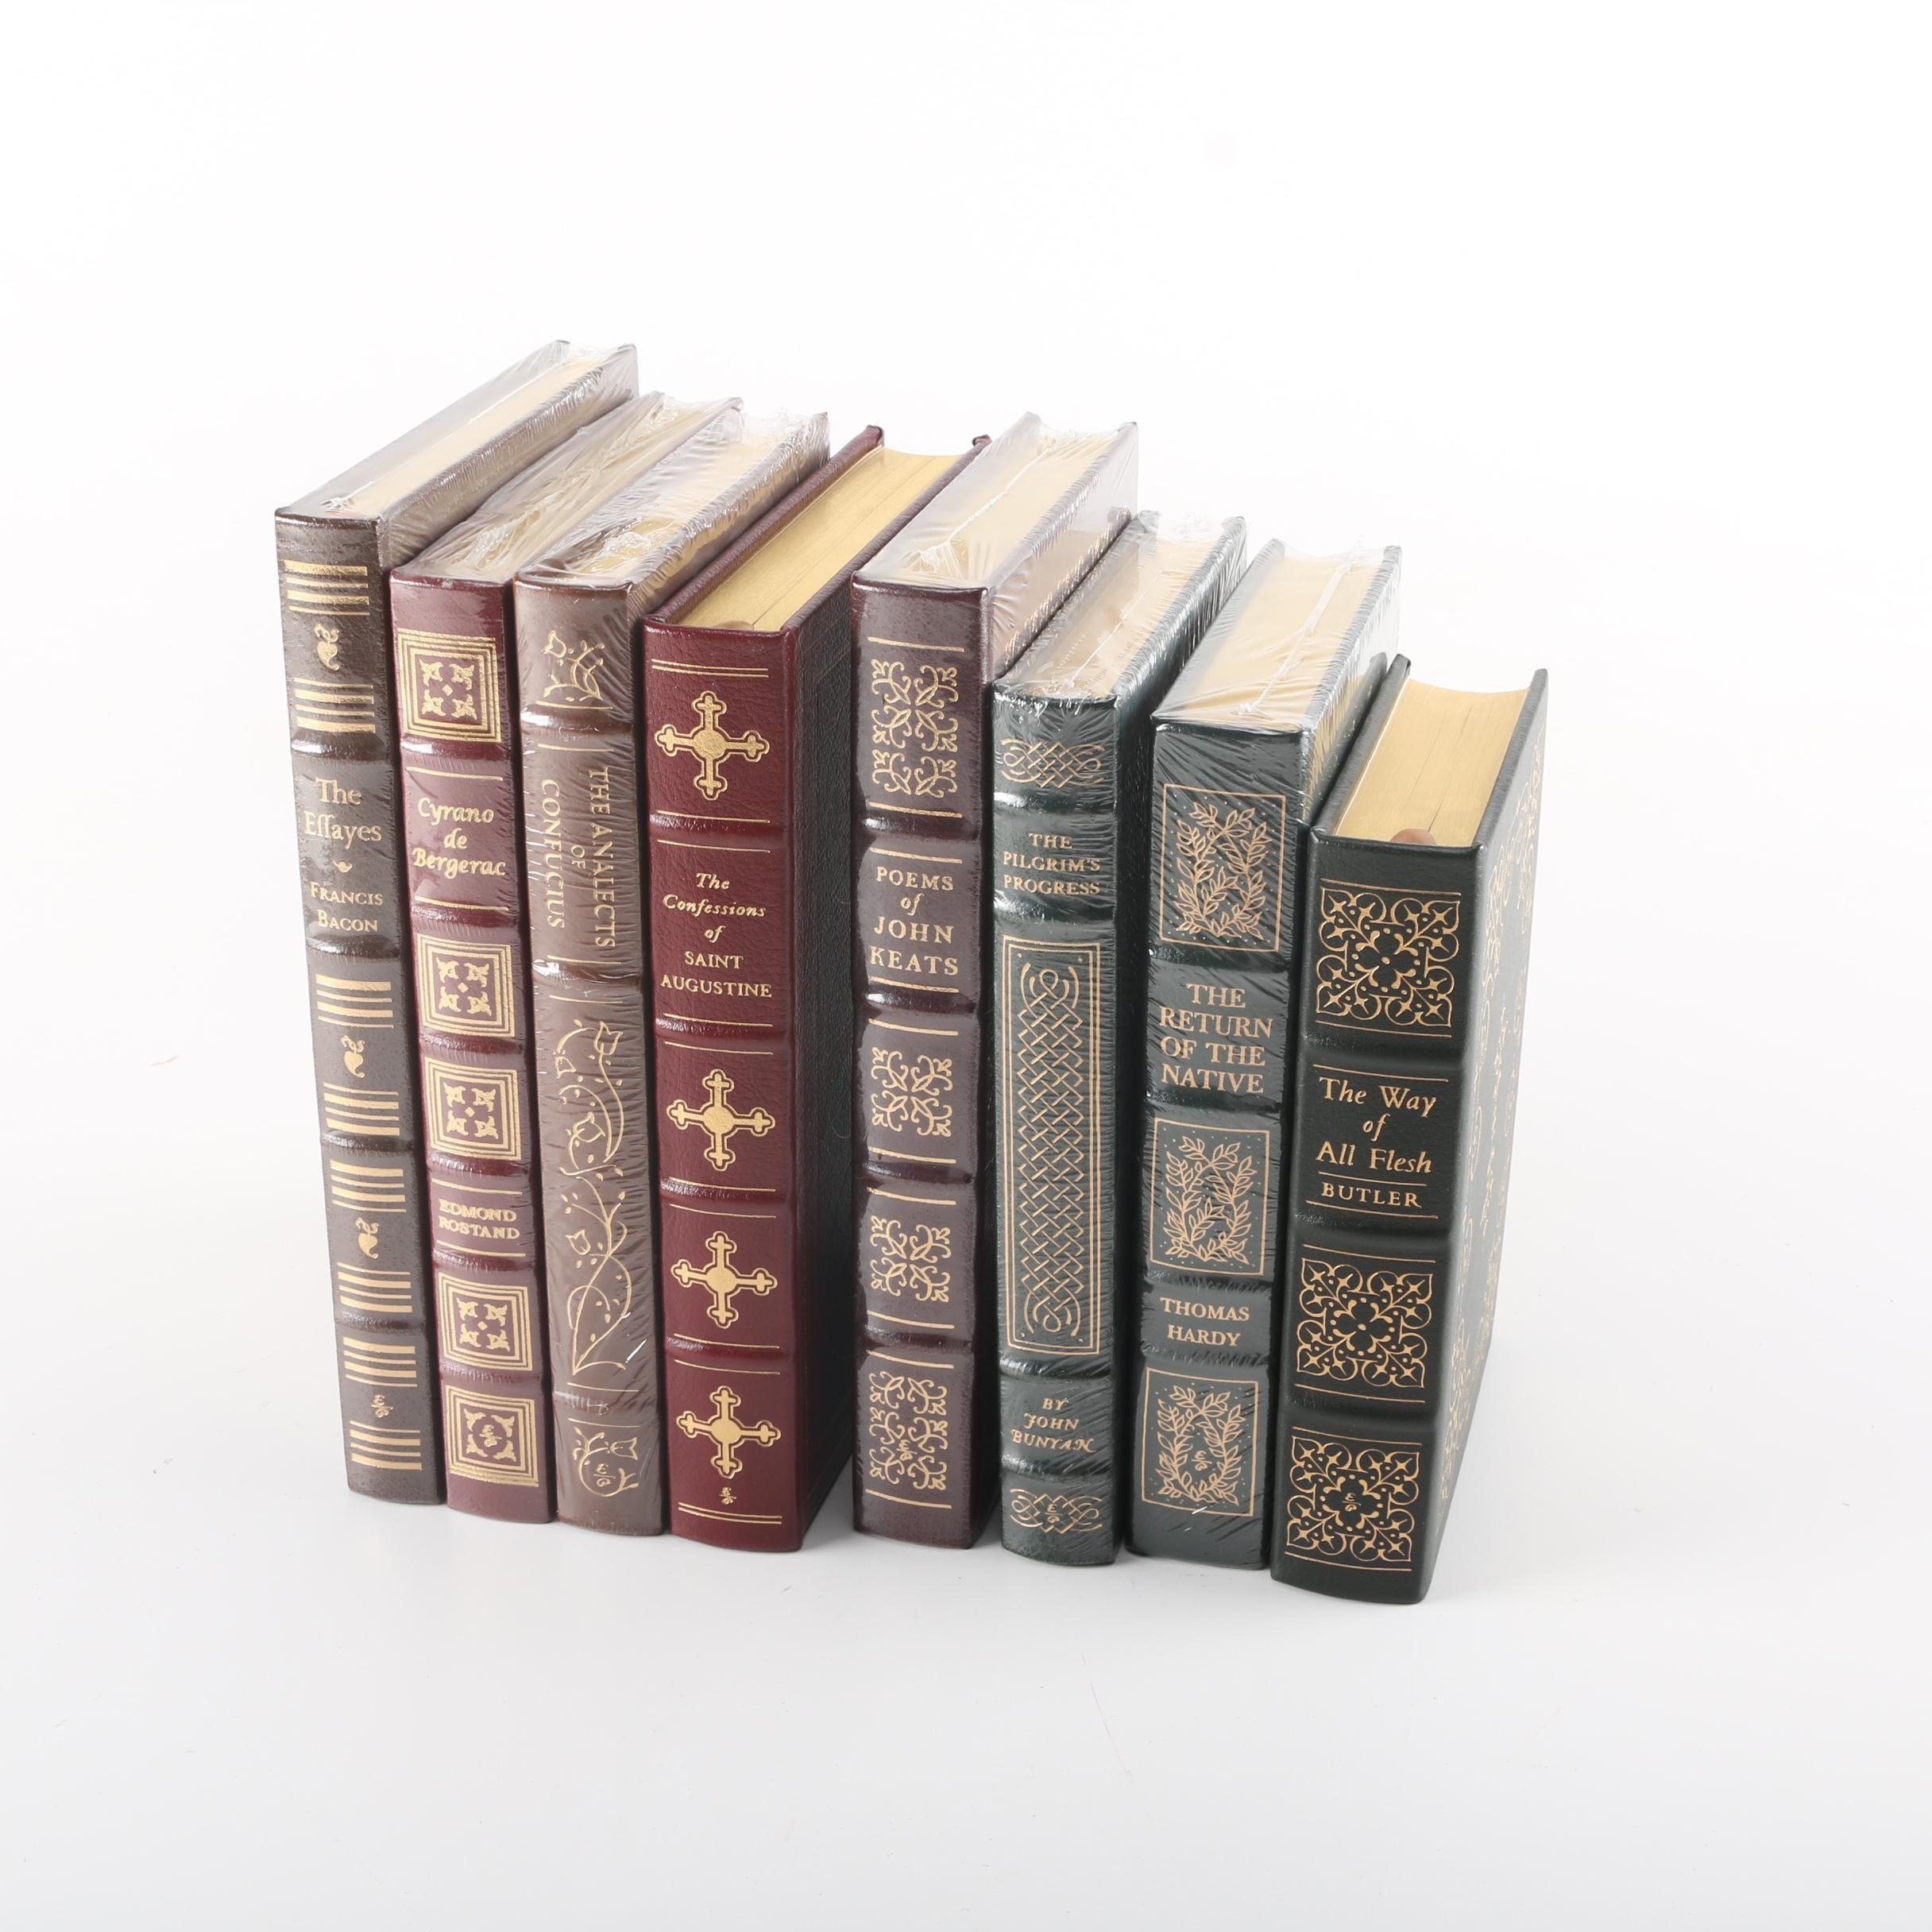 Circa 1980 Easton Press Collector's Edition Books